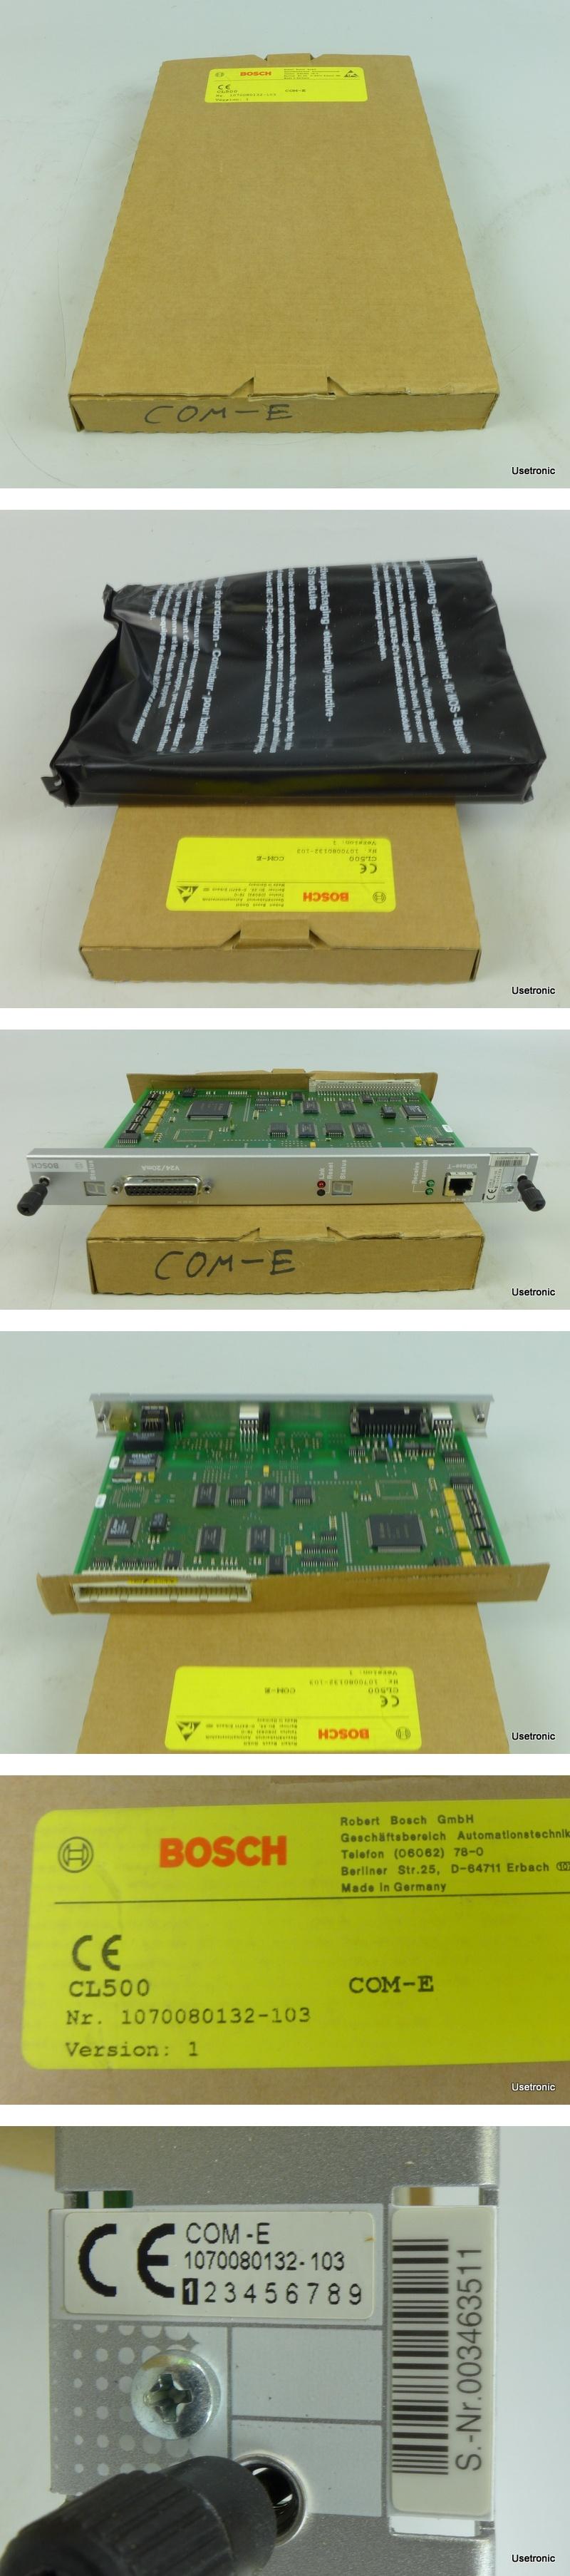 Bosch CL500 COM-E 1070080132-103